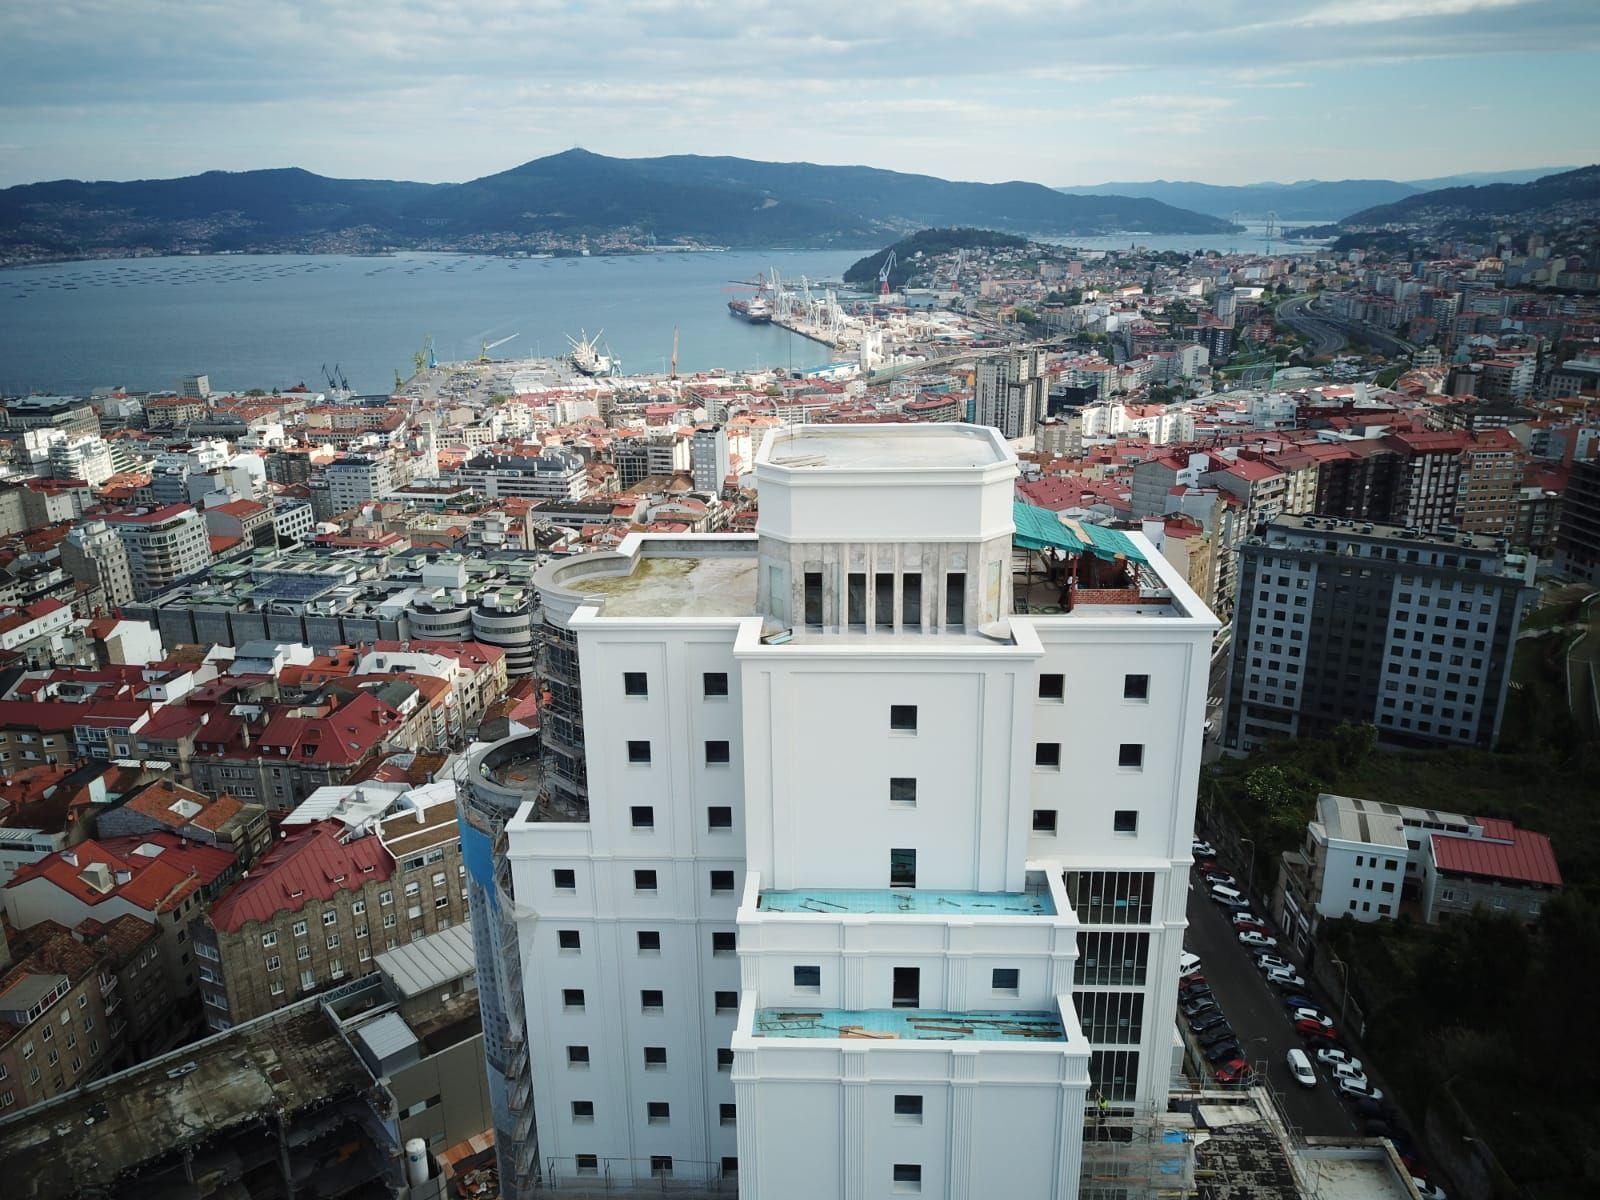 Así se ve Vigo desde la cúpula del Pirulí